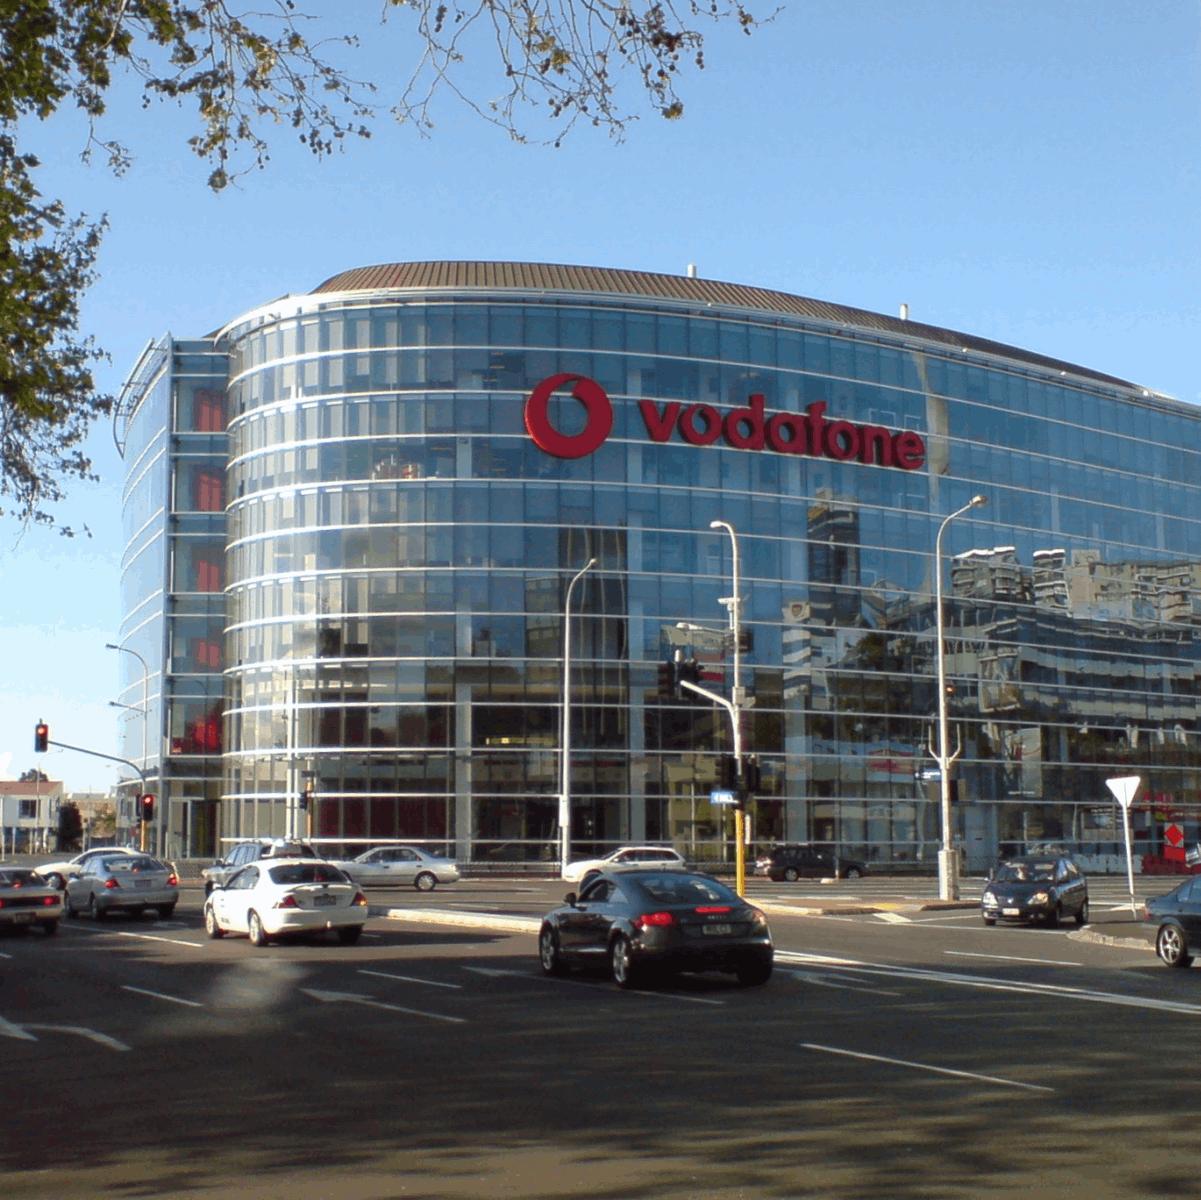 Sede de Vodafone, Doha, Qatar